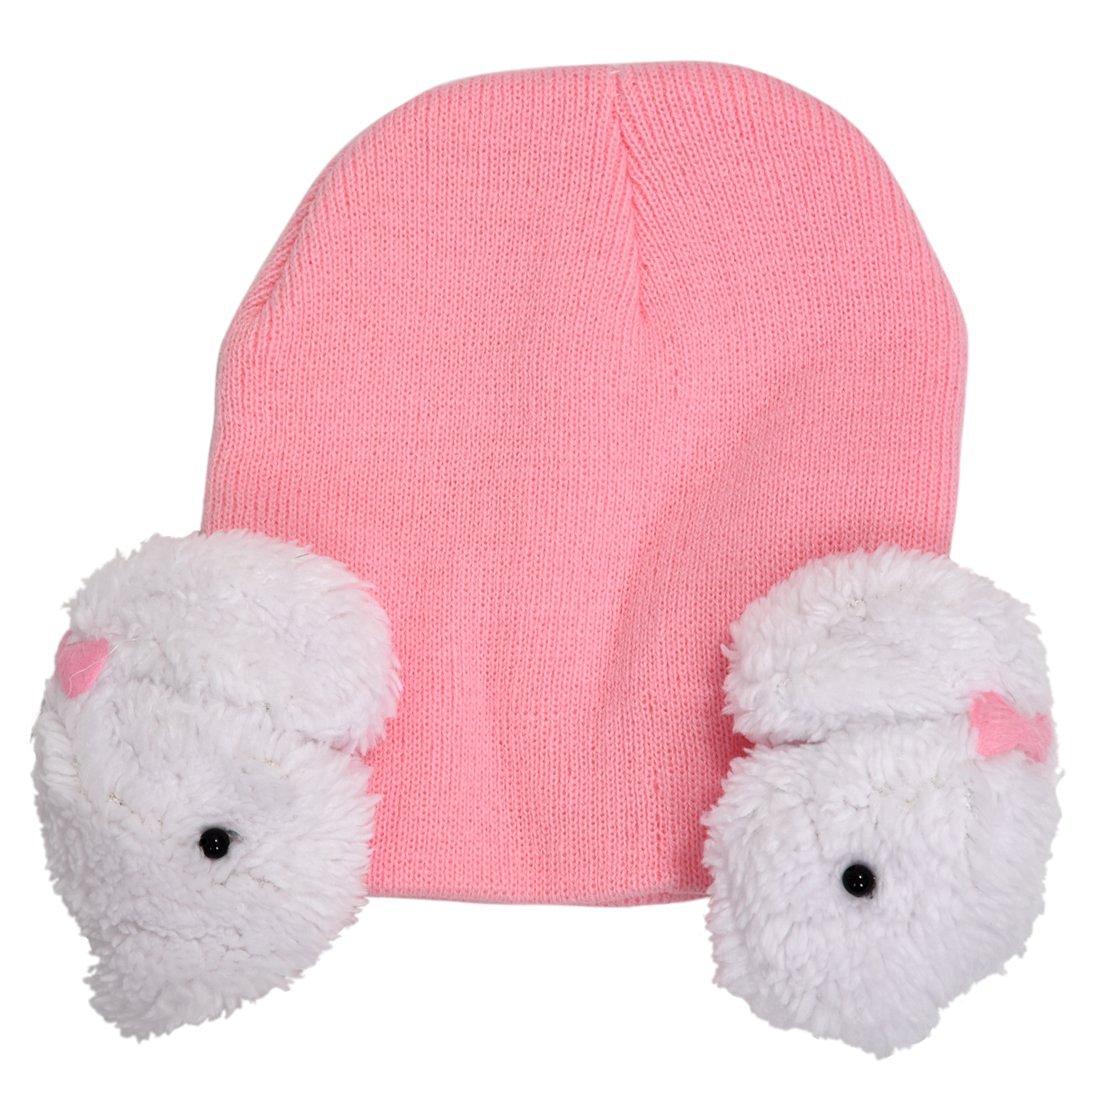 Cheap Crochet Ear Flap Hat Pattern, find Crochet Ear Flap Hat ...